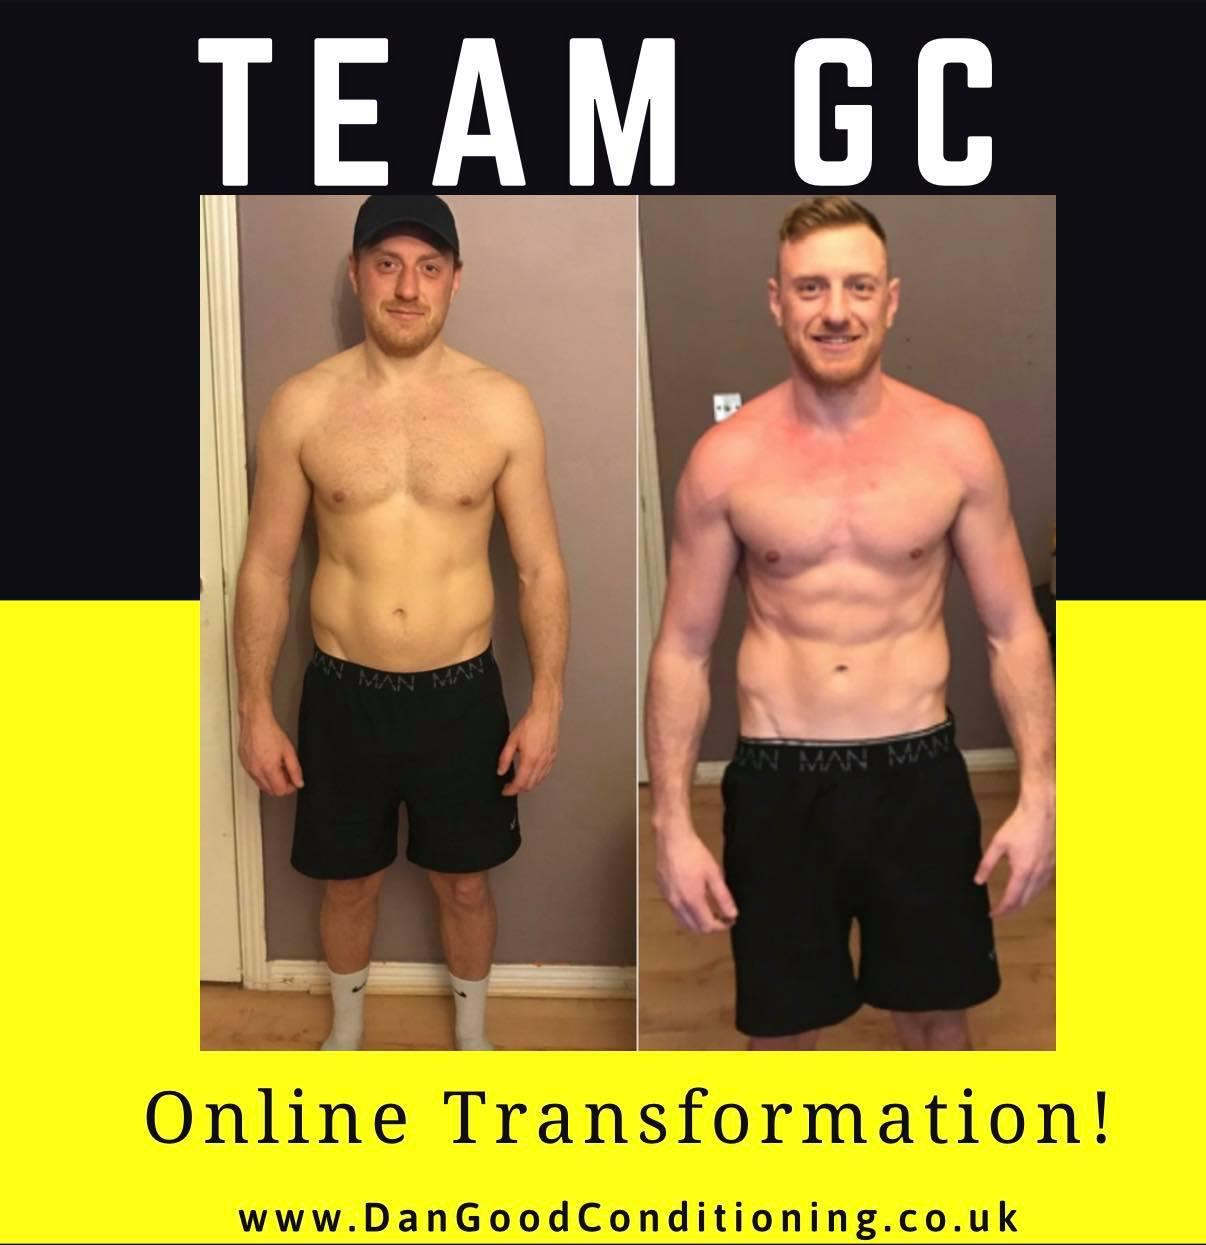 Jack Stevens - Team GC Member